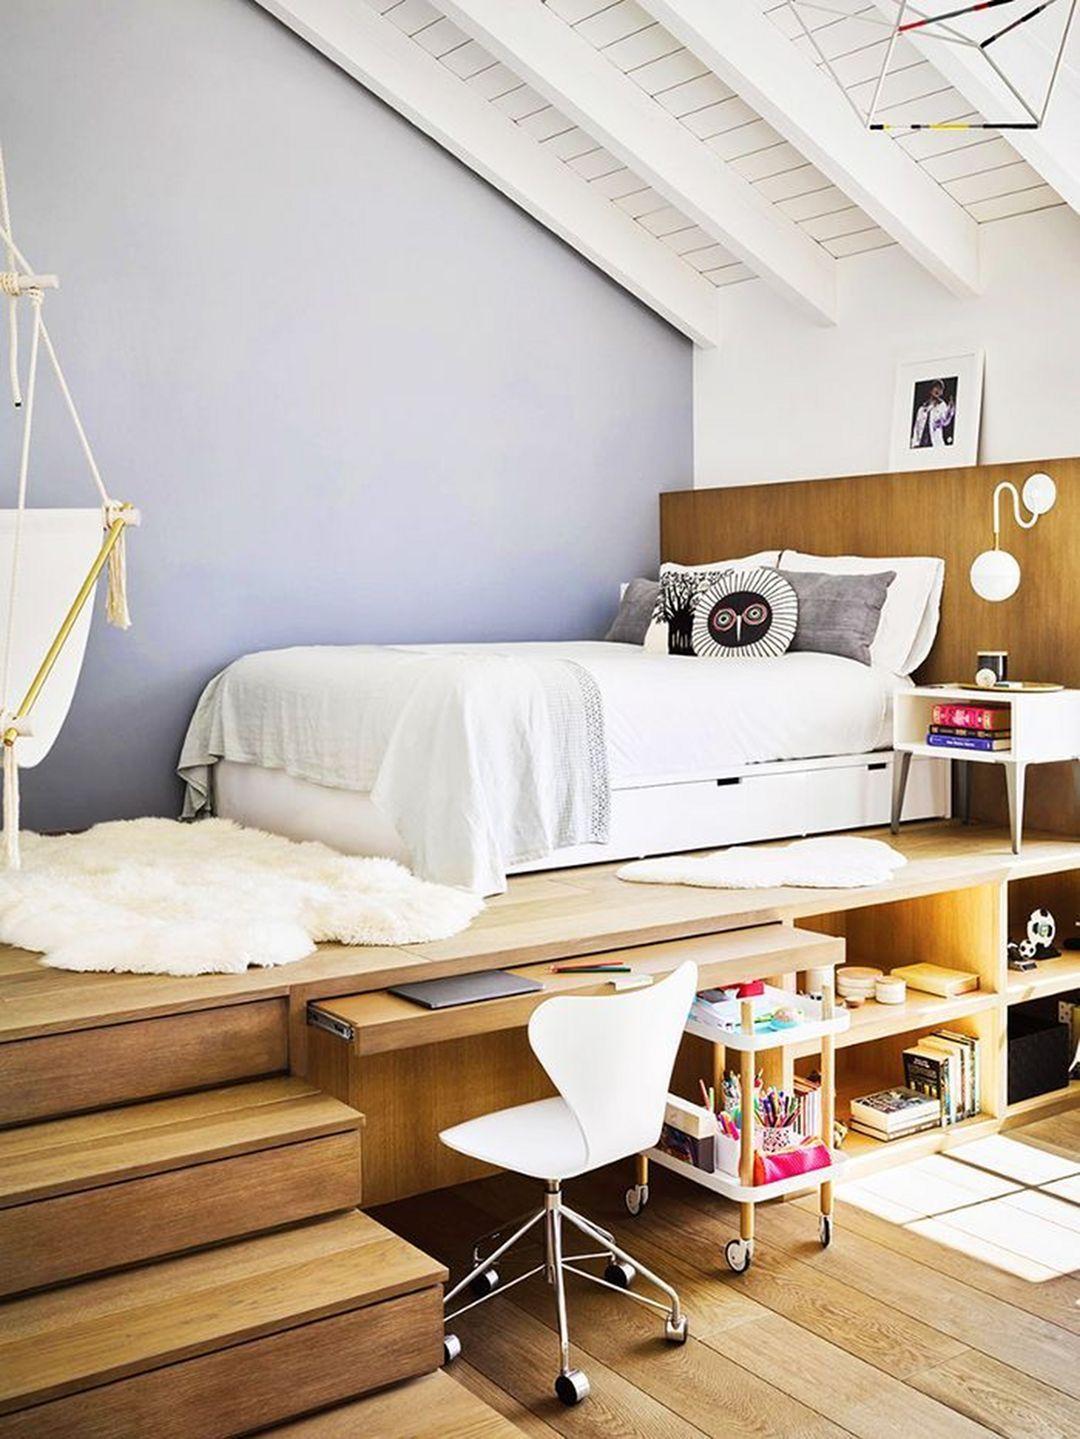 lit estrade bois bureau incrusté tapis fourrure blanche